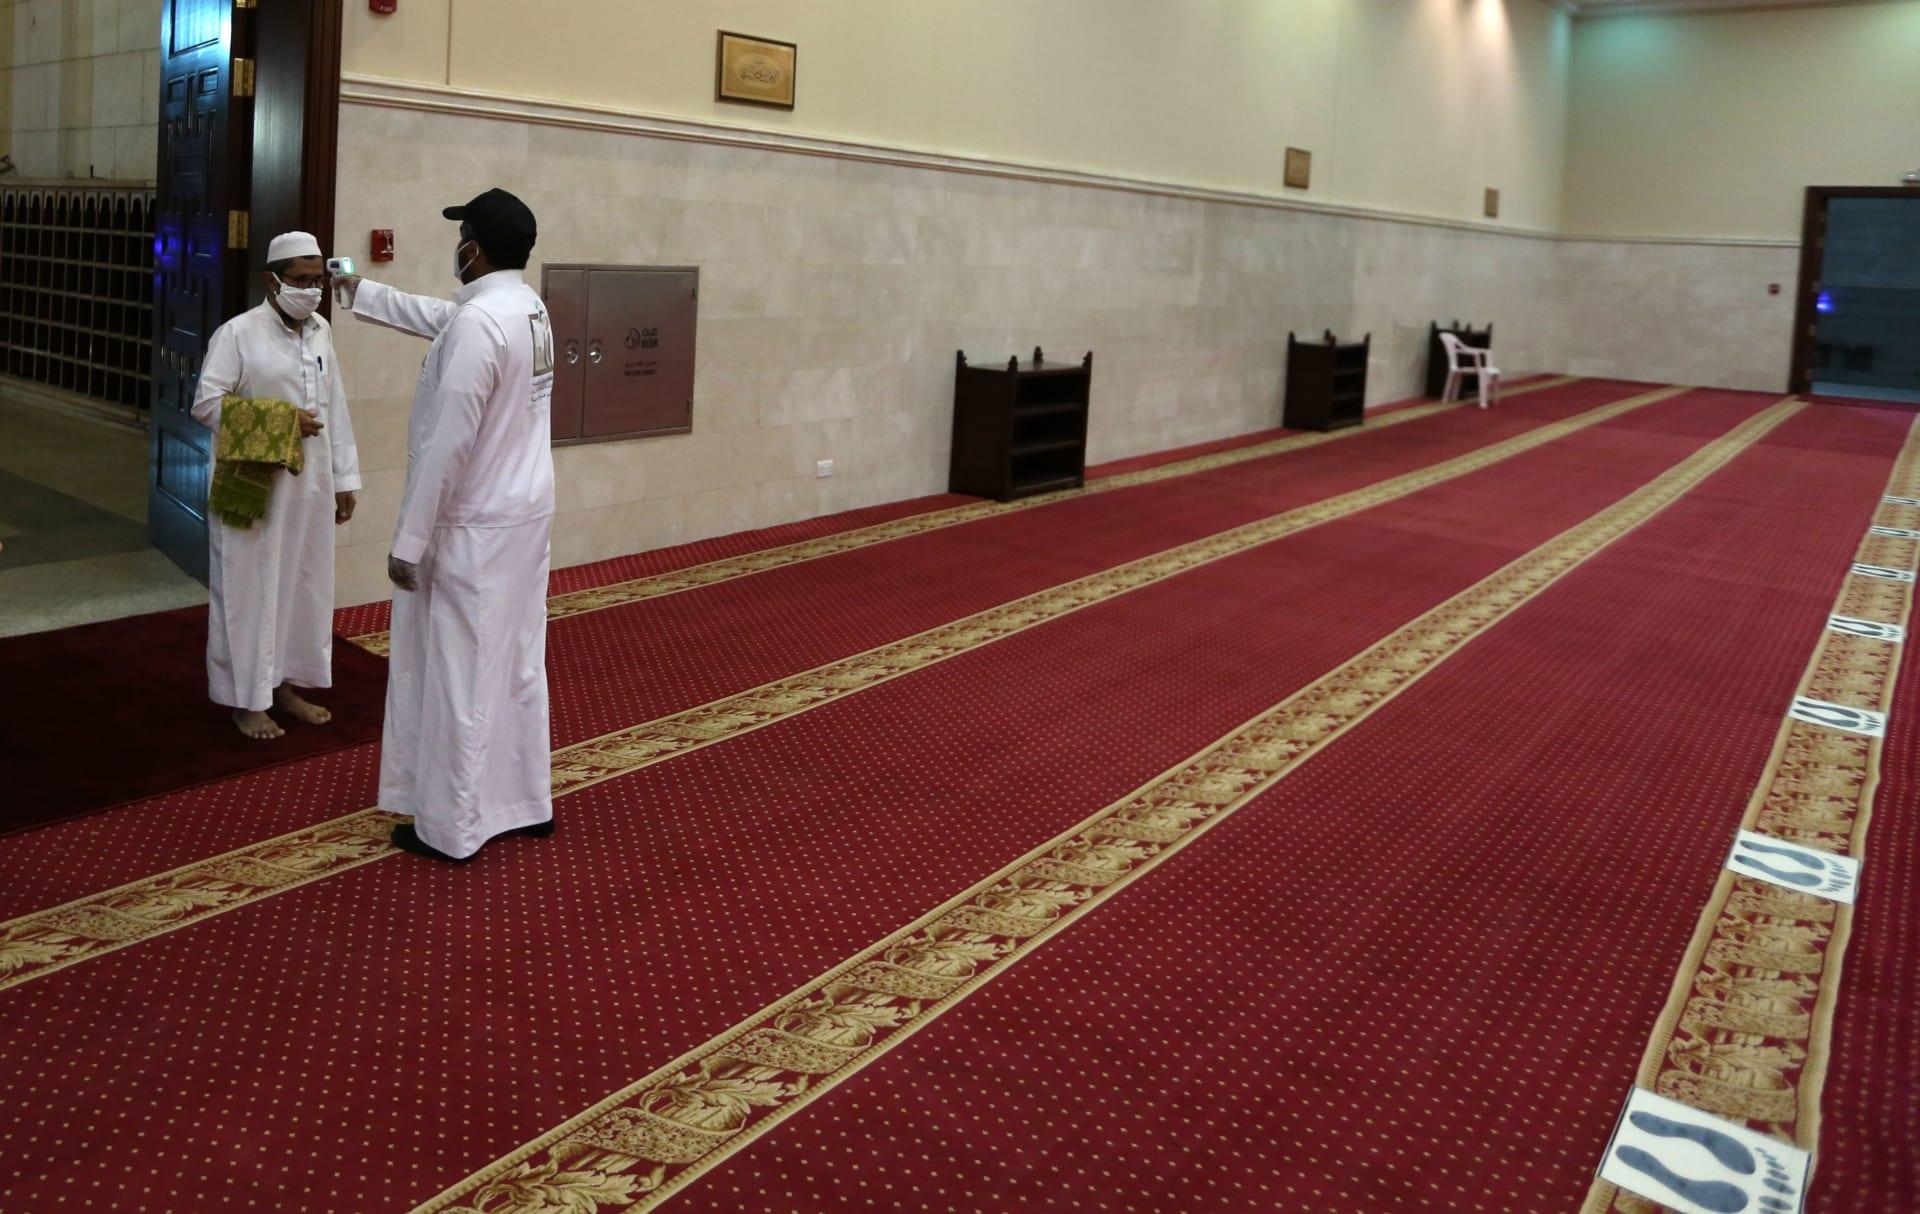 السعودية تسمح بصلاة الجنائز في الجوامع والمساجد.. وتحدد الاشتراطات